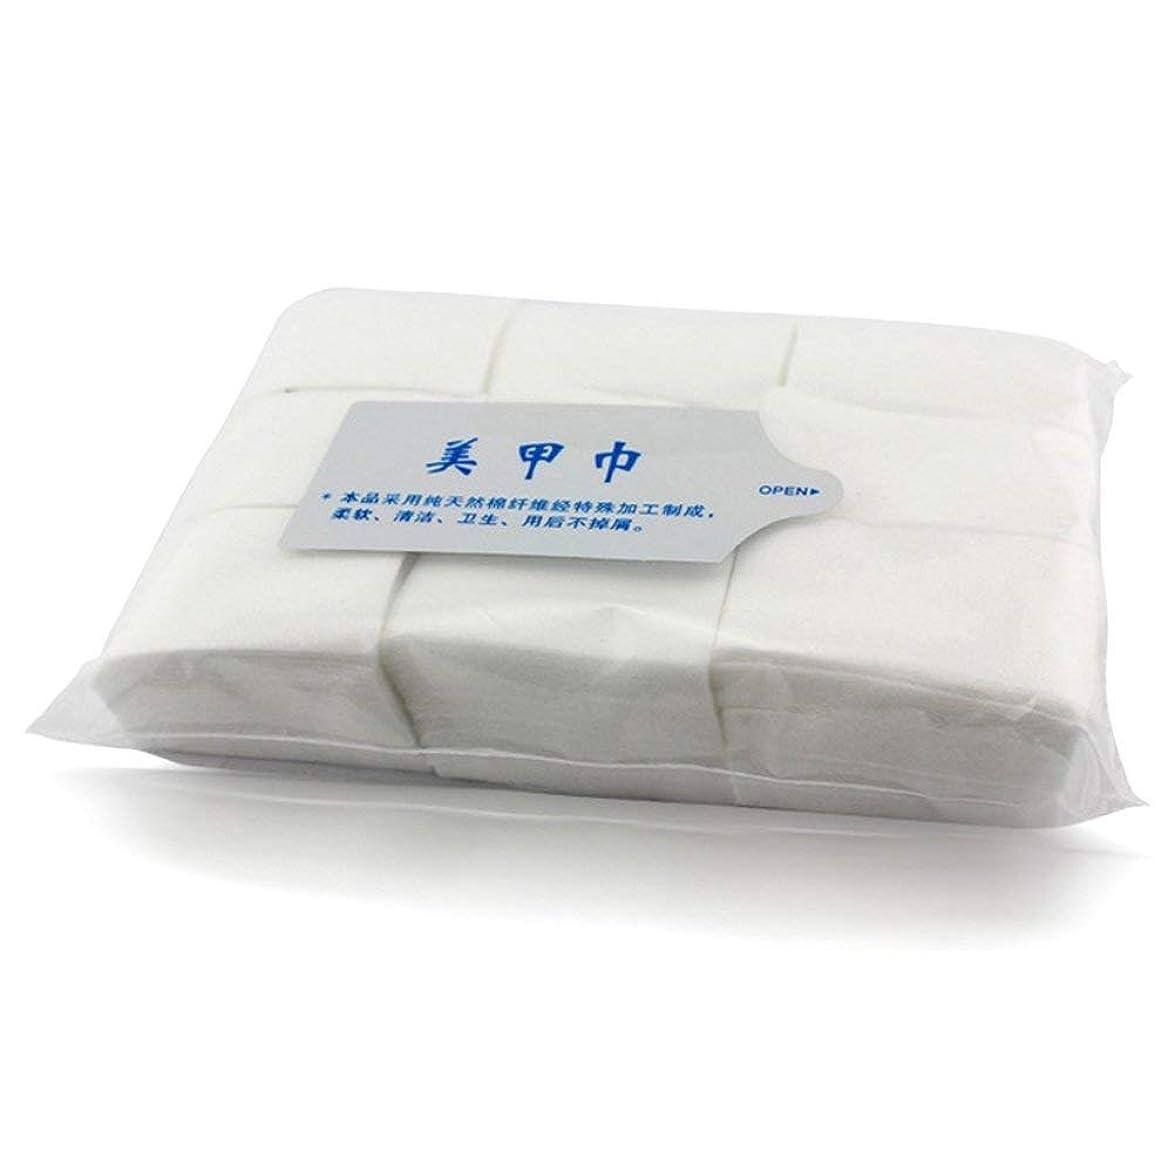 波スタンド隣接するネイルワイプ 天然素材不織布 900枚入り コットン ワイプ/ジェル ネイル マニュキア オフ (2pack)